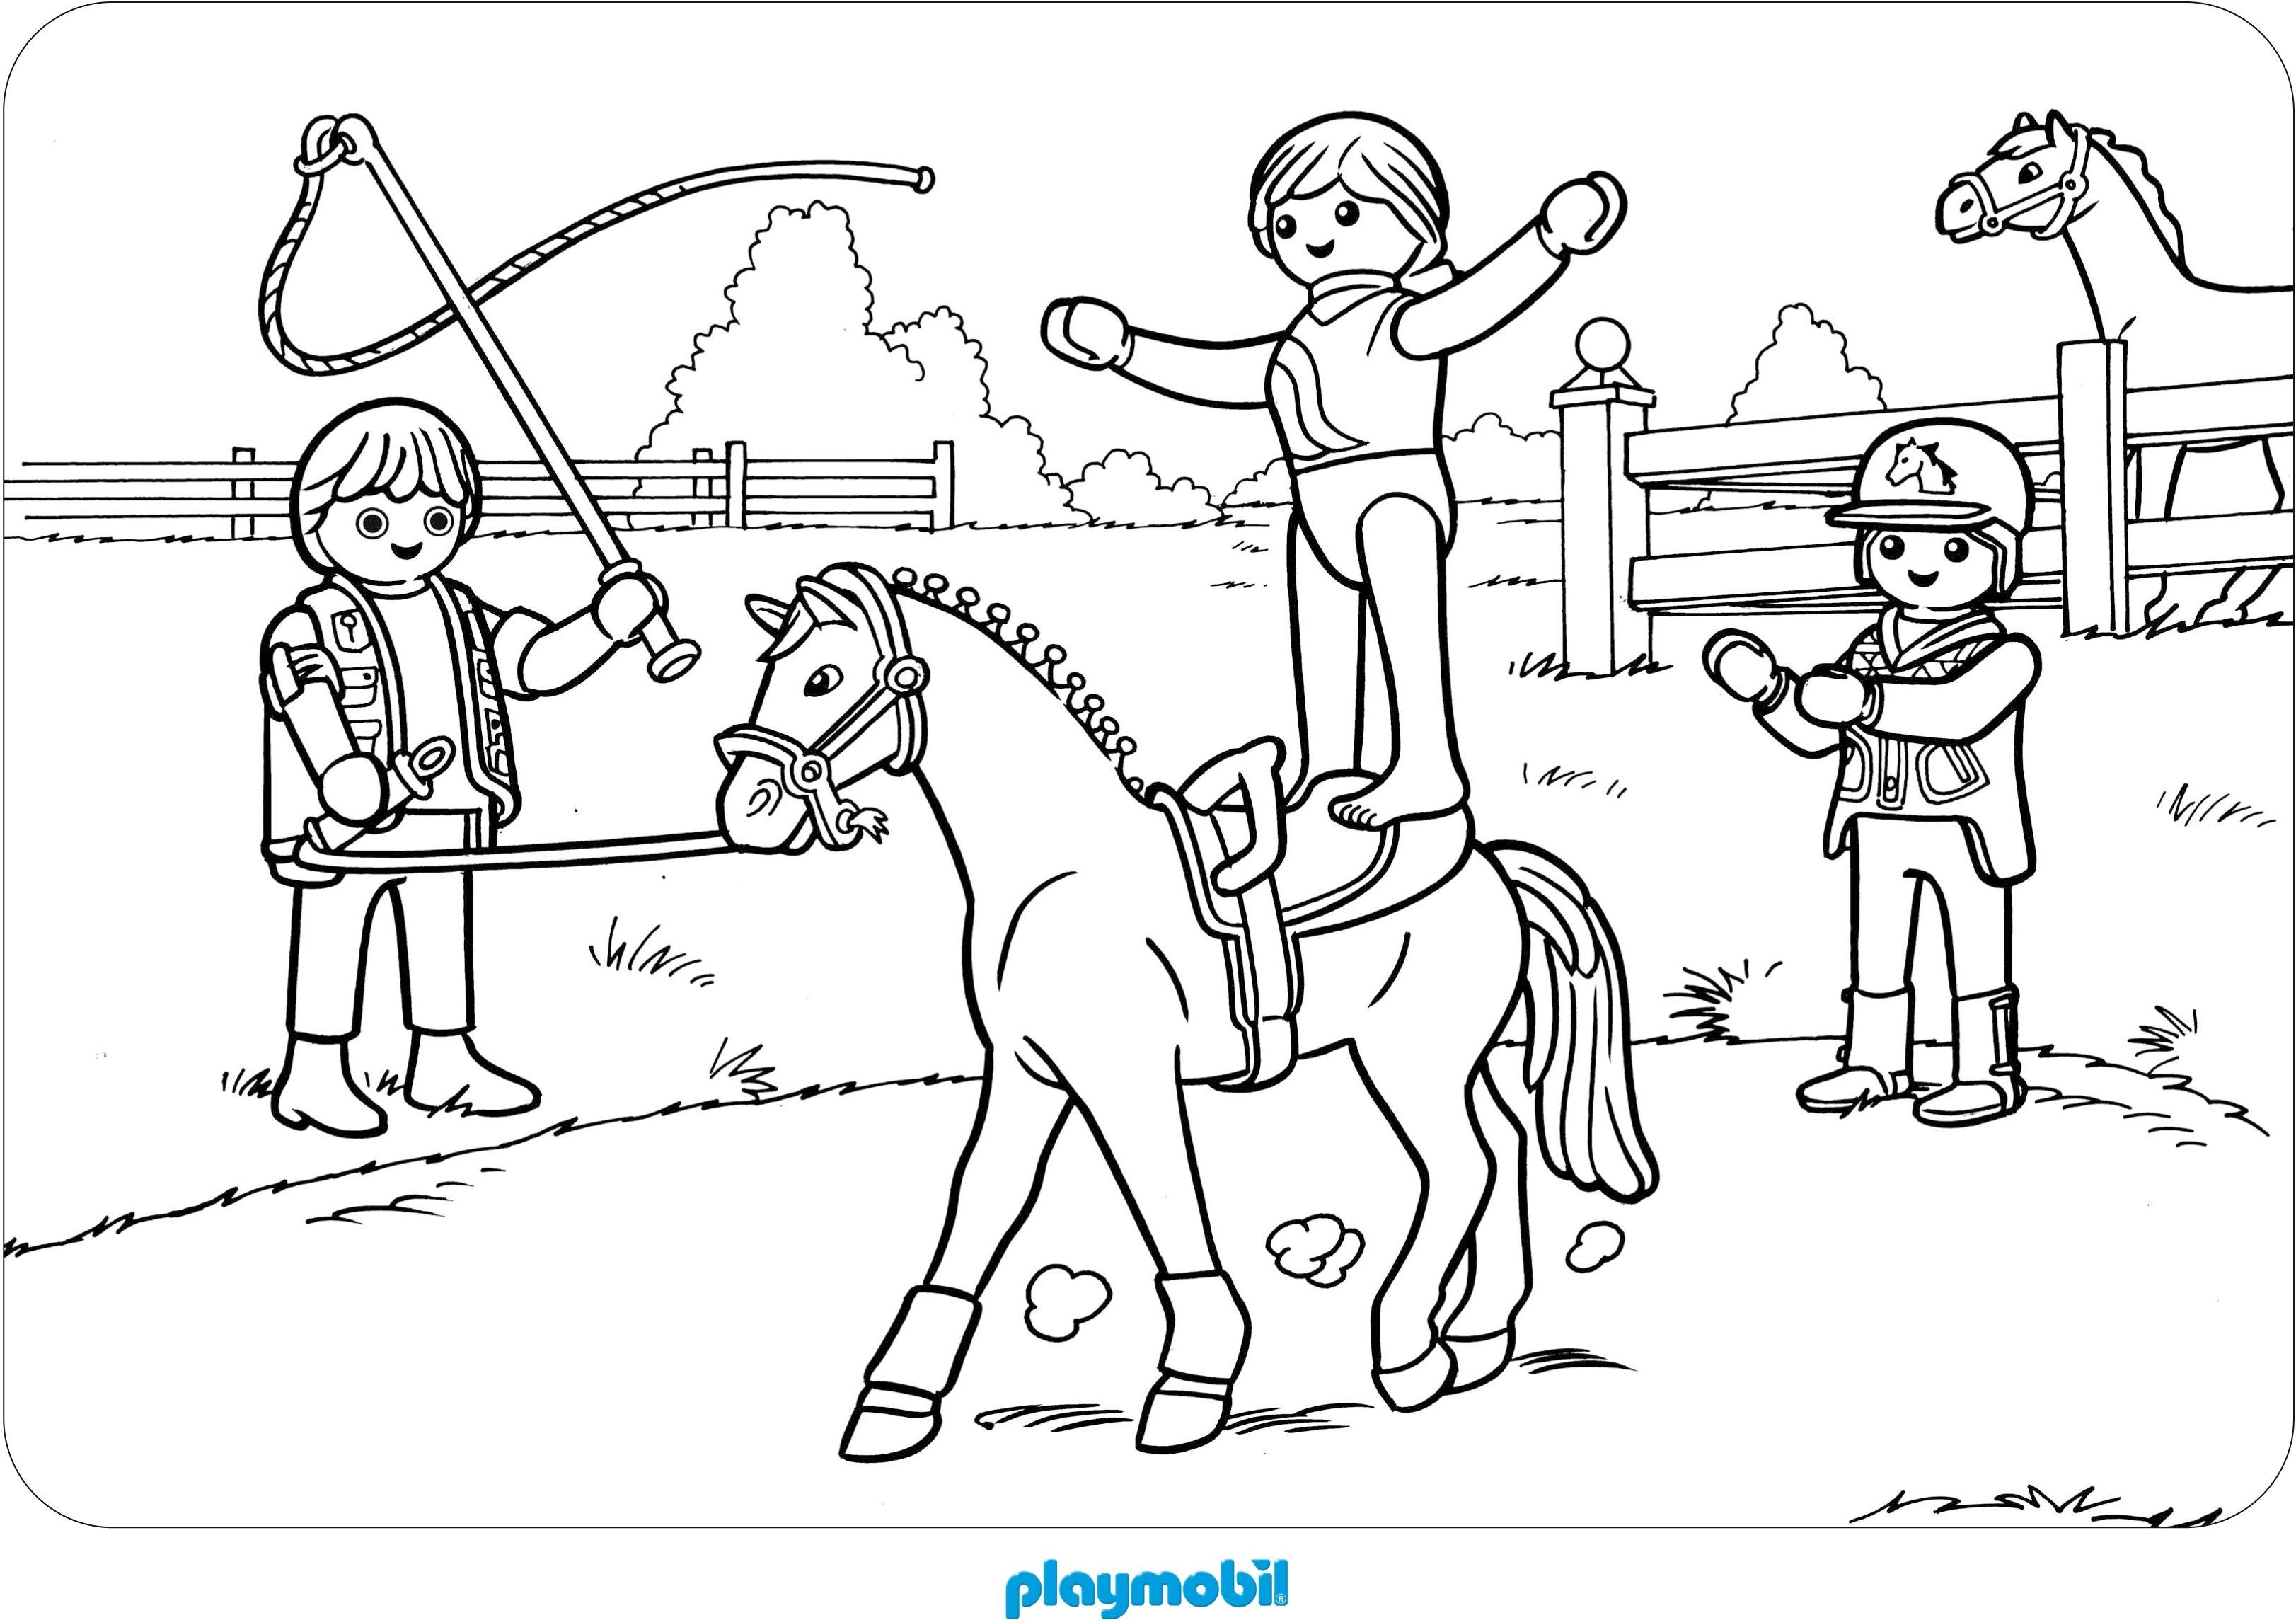 Ausmalbilder Fee Mit Pferd : Ausmalbilder Playmobil Ausmalbild Pferd Ausmalbilder Meerjungfrau